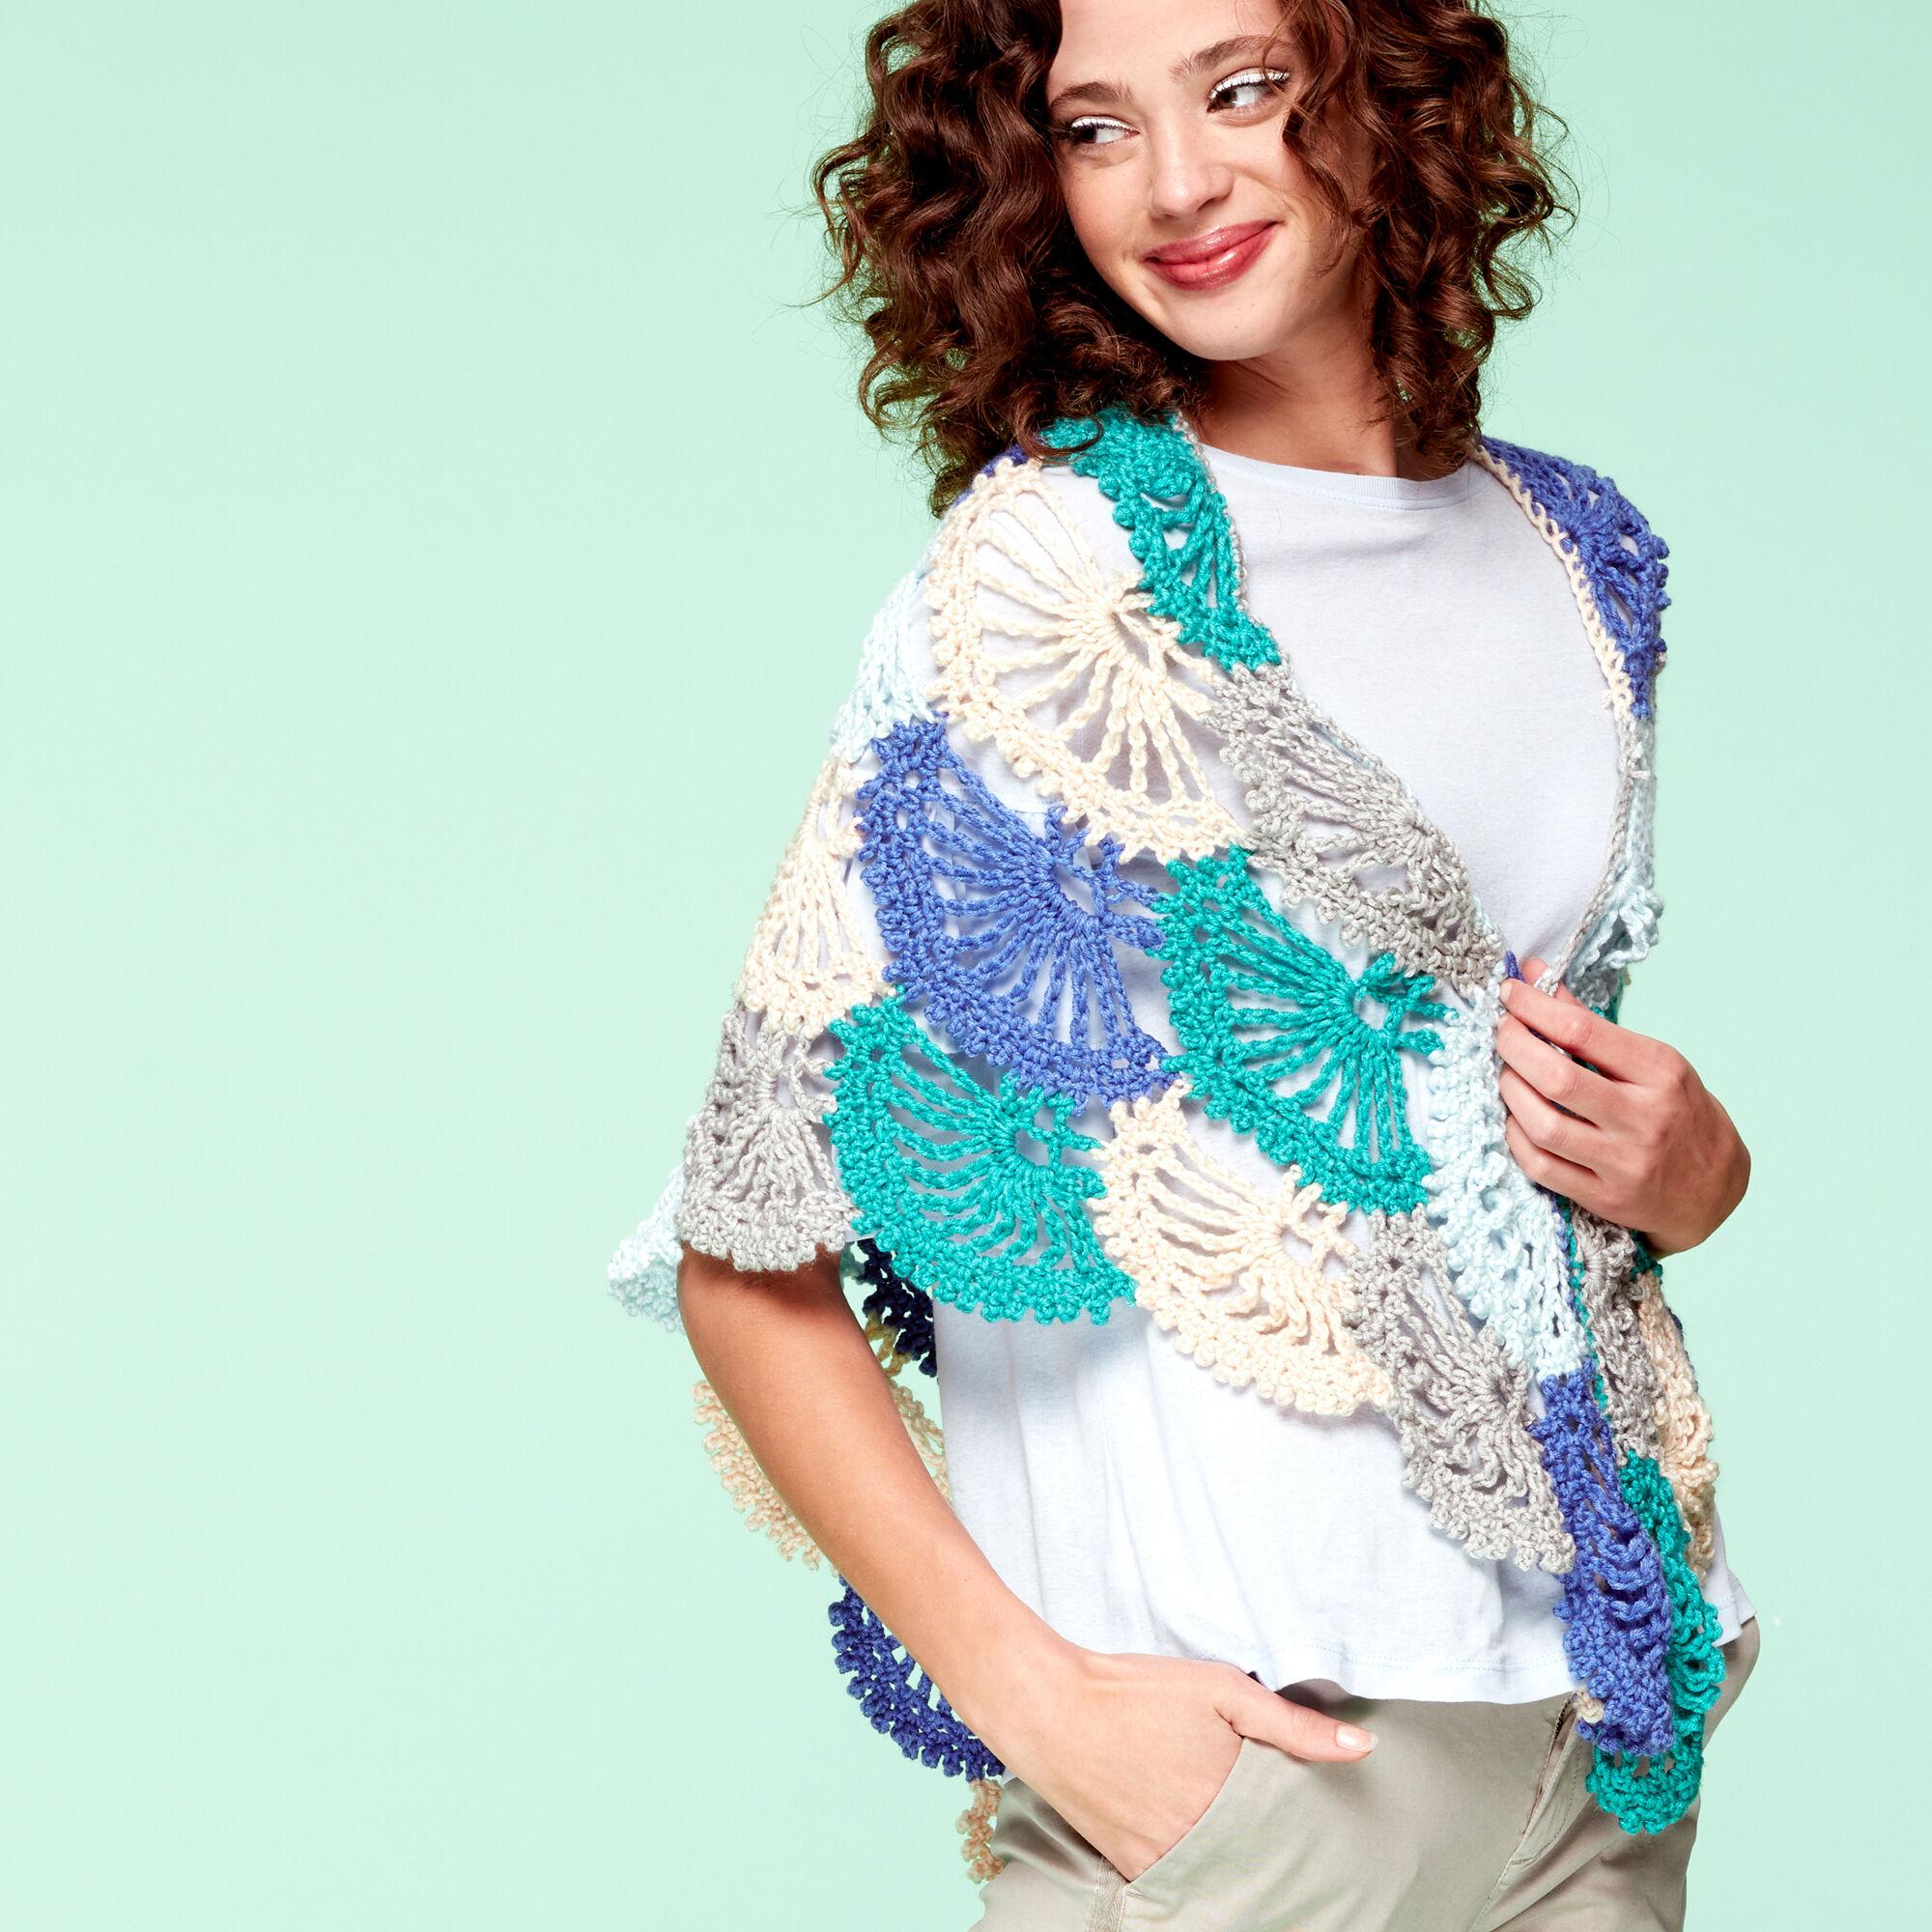 Caron x Pantone Lace Fans Crochet Shawl Pattern | Yarnspirations